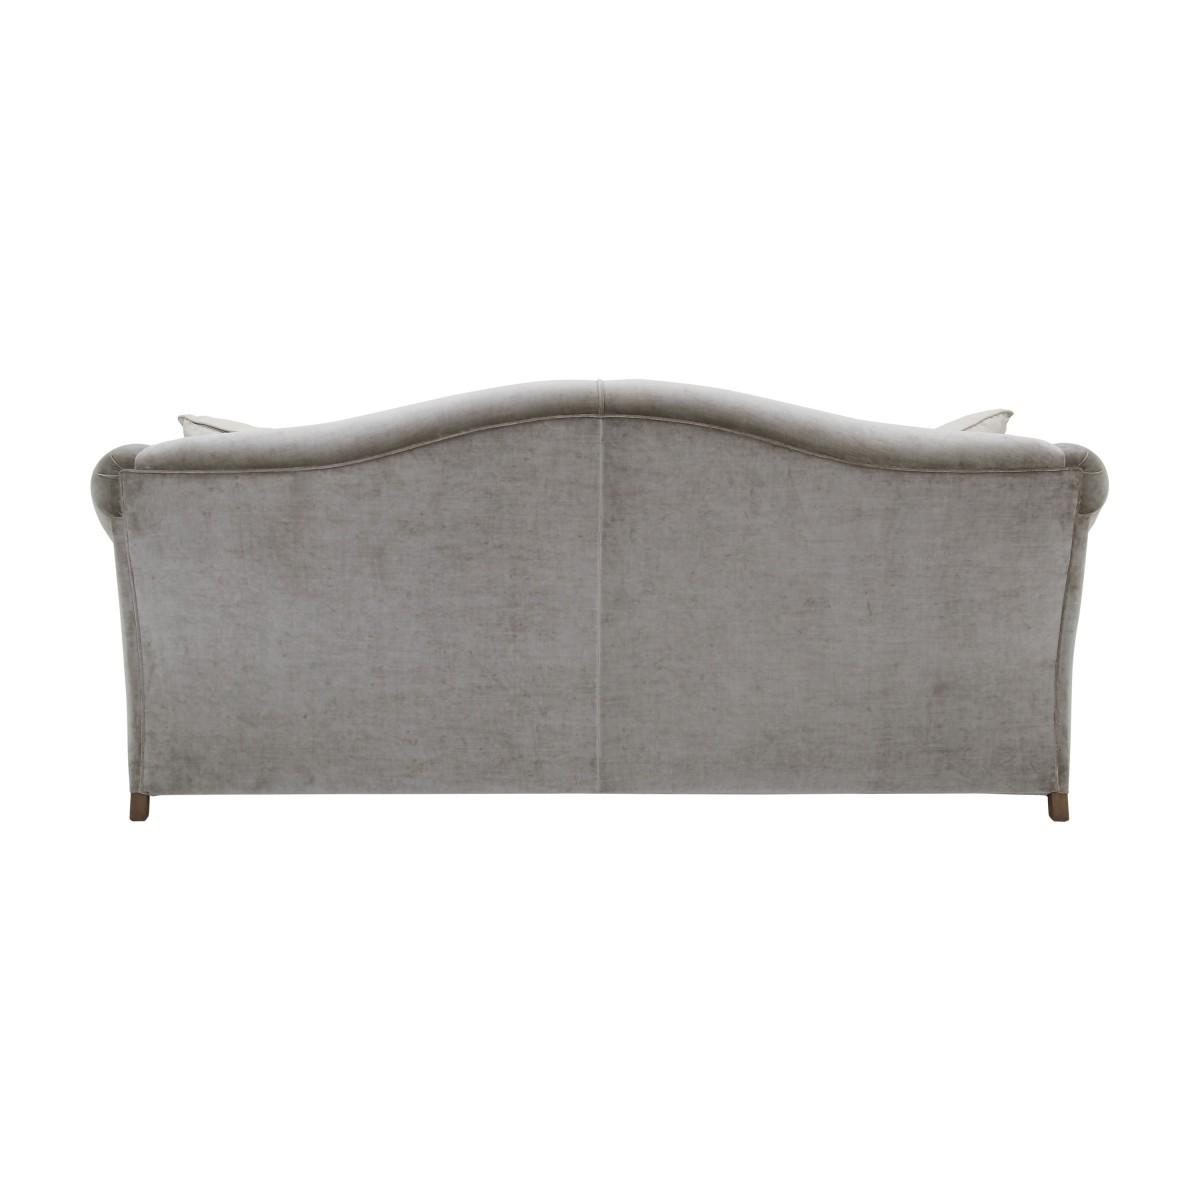 3 Seater sofa Kalo - Sevensedie